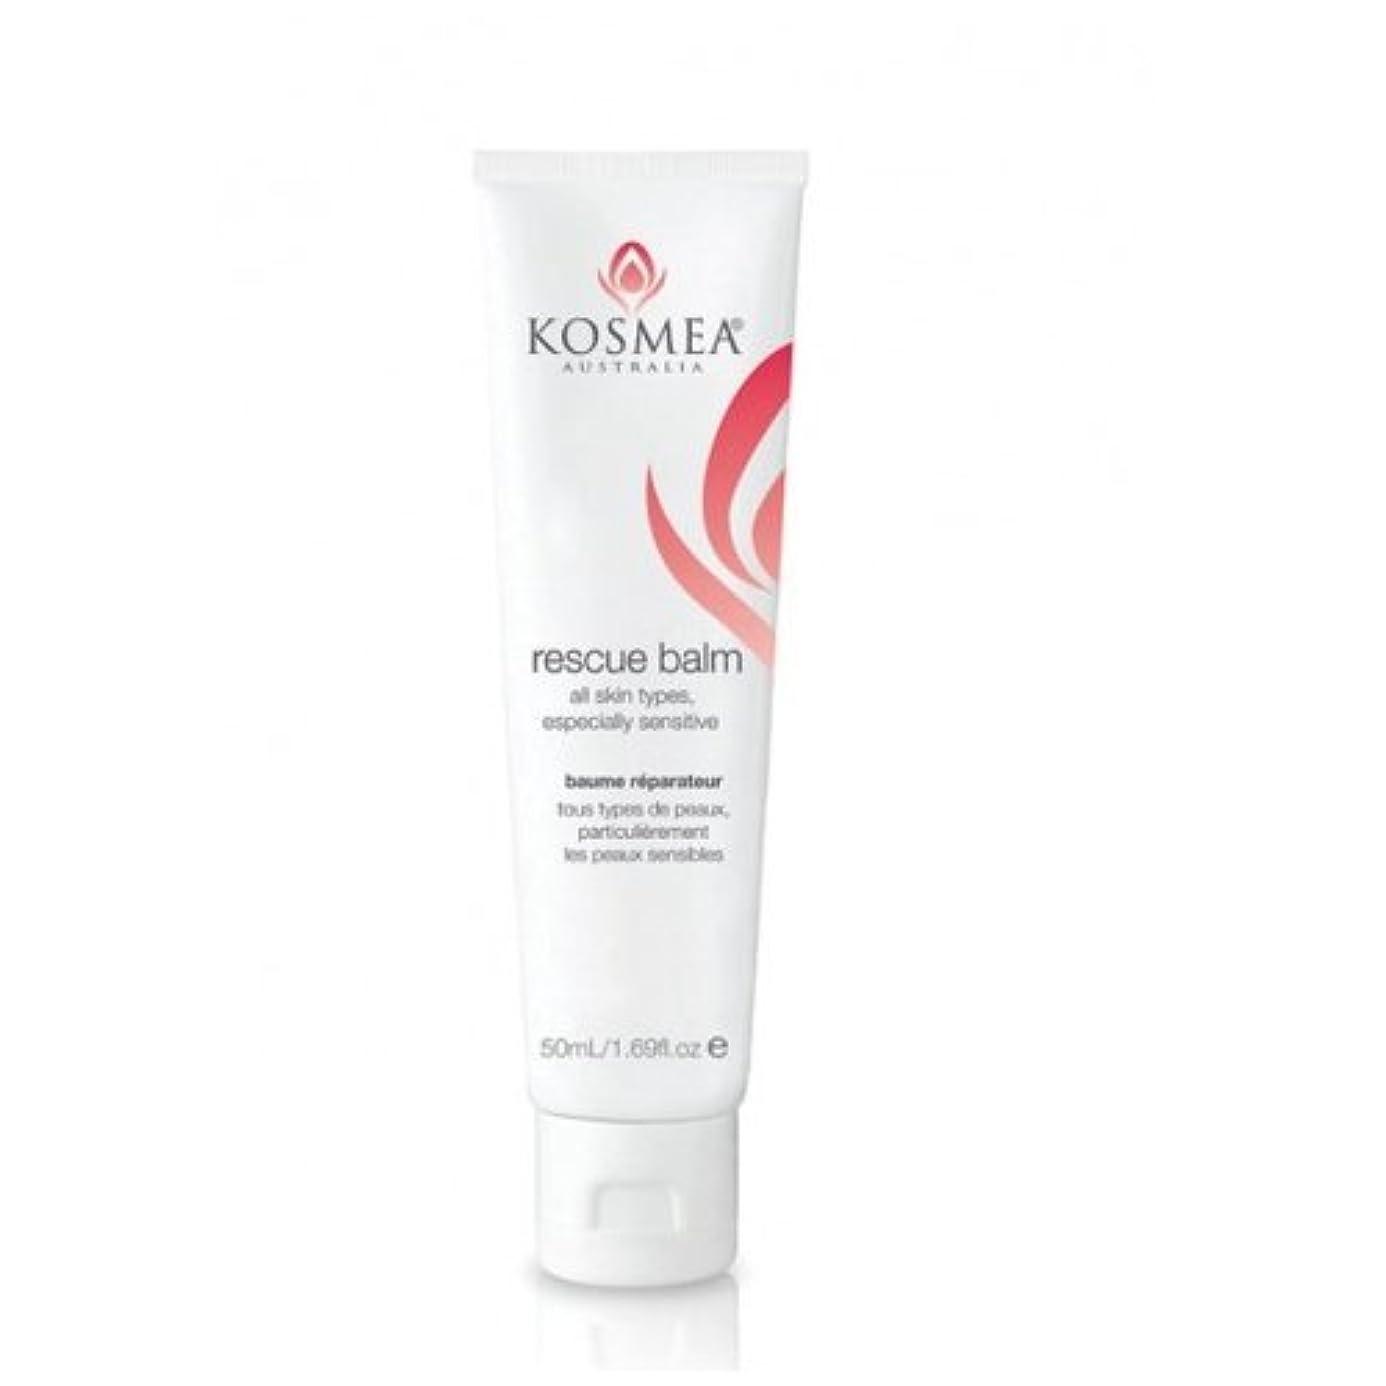 暴徒テラス実験的【KOSMEA】Skin Clinic TM Rescue Balm コスメア レスキューバーム 50ml【並行輸入品】【海外直送品】